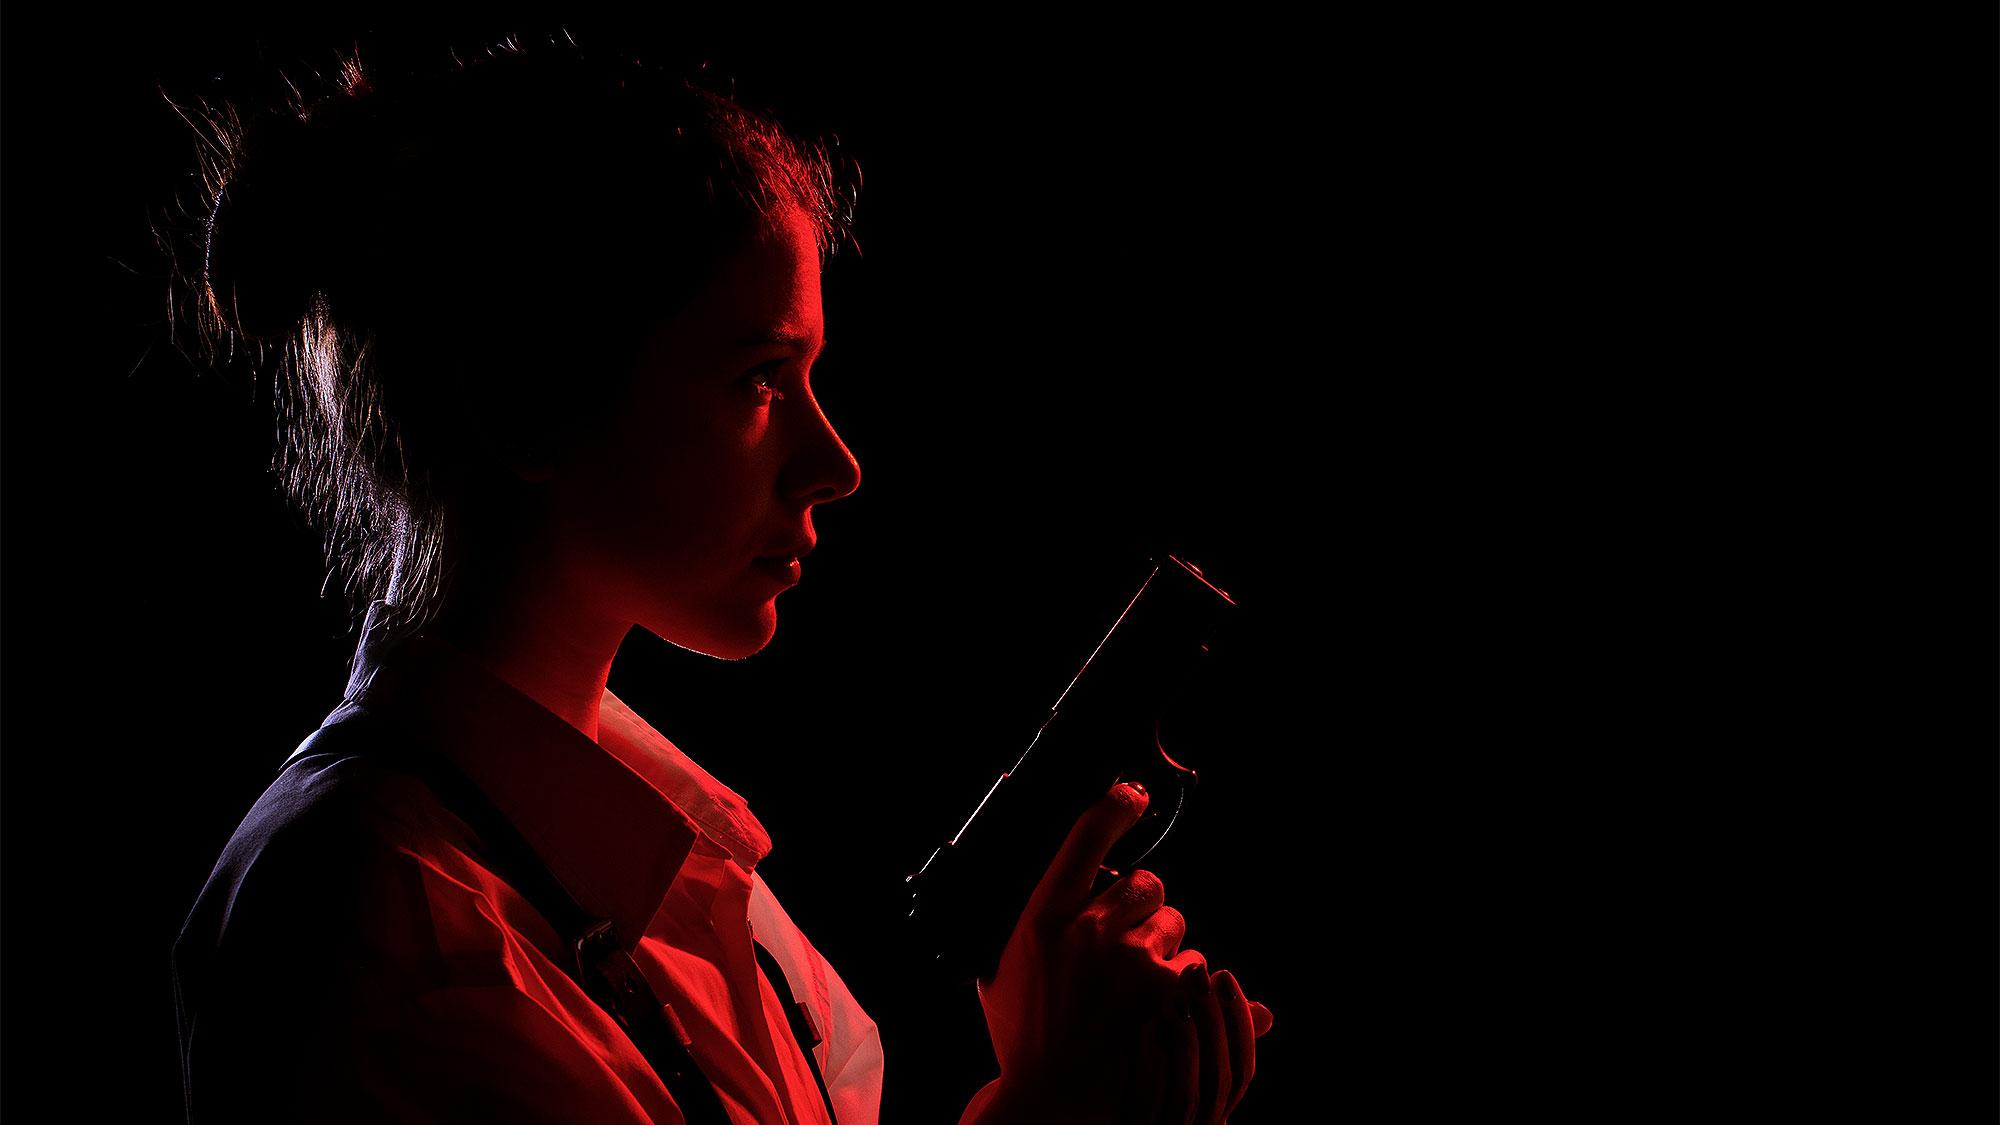 Месть за мужа: как сложилась судьба женщины-киллера Александры Скобелевой